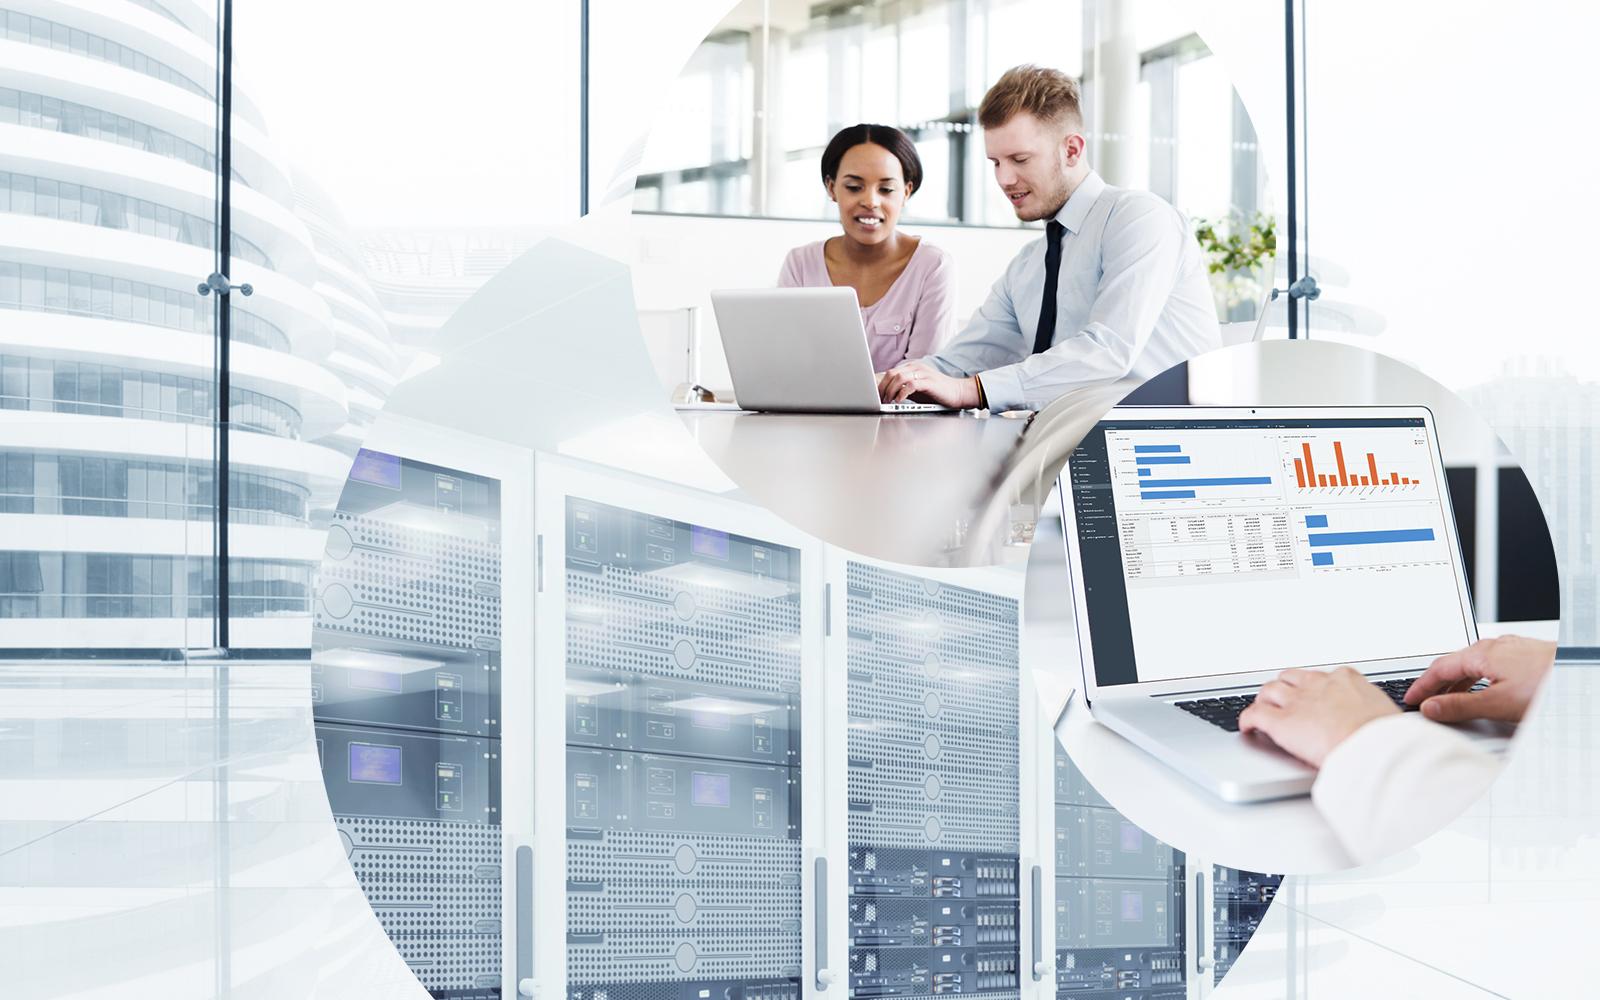 Bilder von 2 Büroangestellten, die vor einem Laptop sitzen, Bild eines Laptops mit SAP Screenshot vor einem Großrechner in einem Rechenzentrum